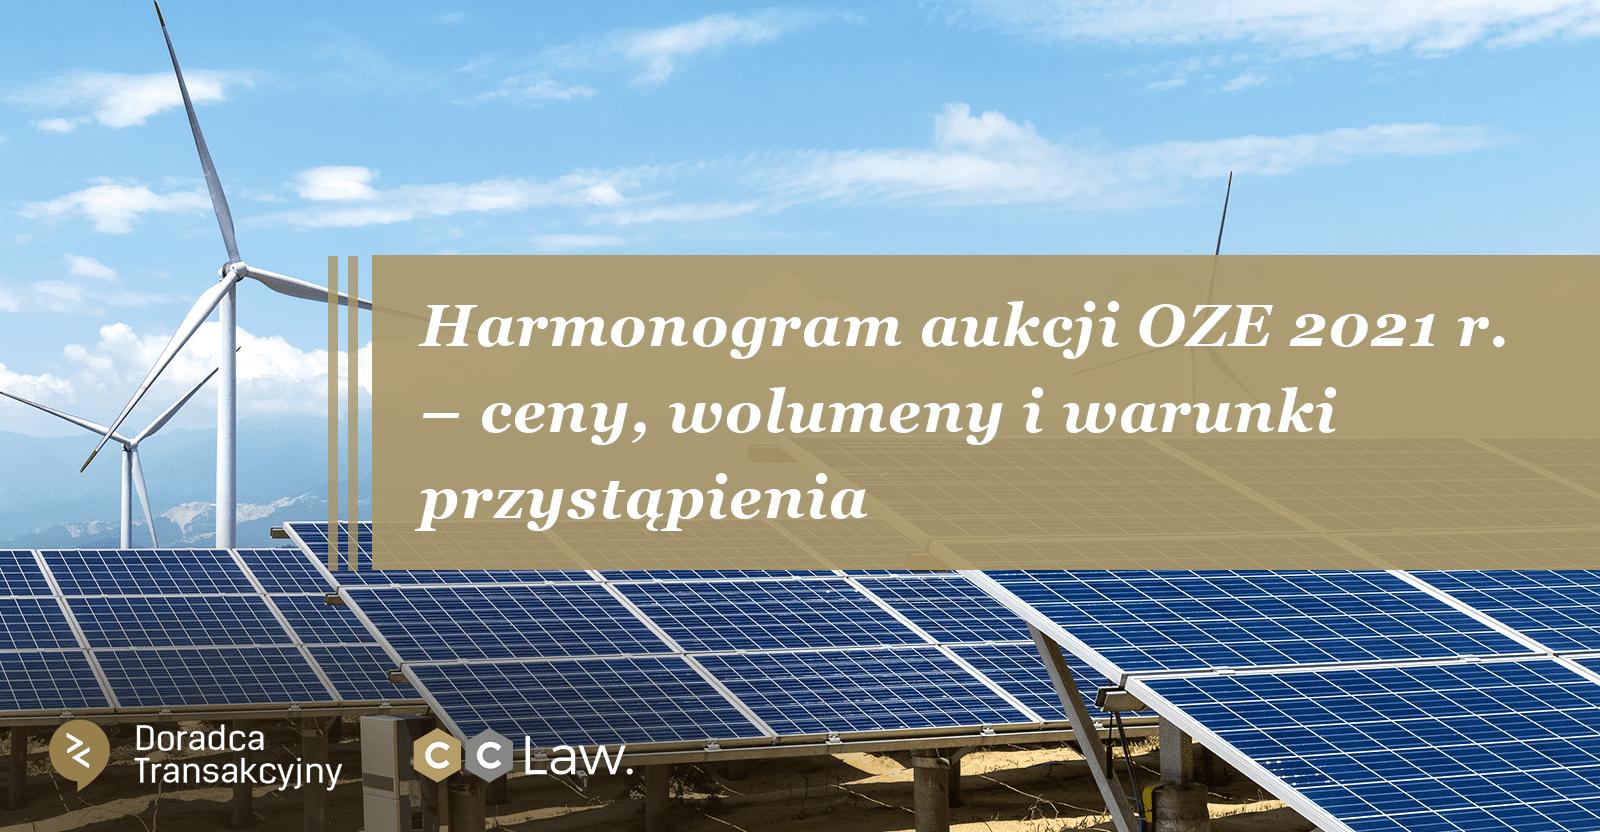 Harmonogram aukcji OZE 2021 r. - ceny, wolumeny i warunki przystąpienia